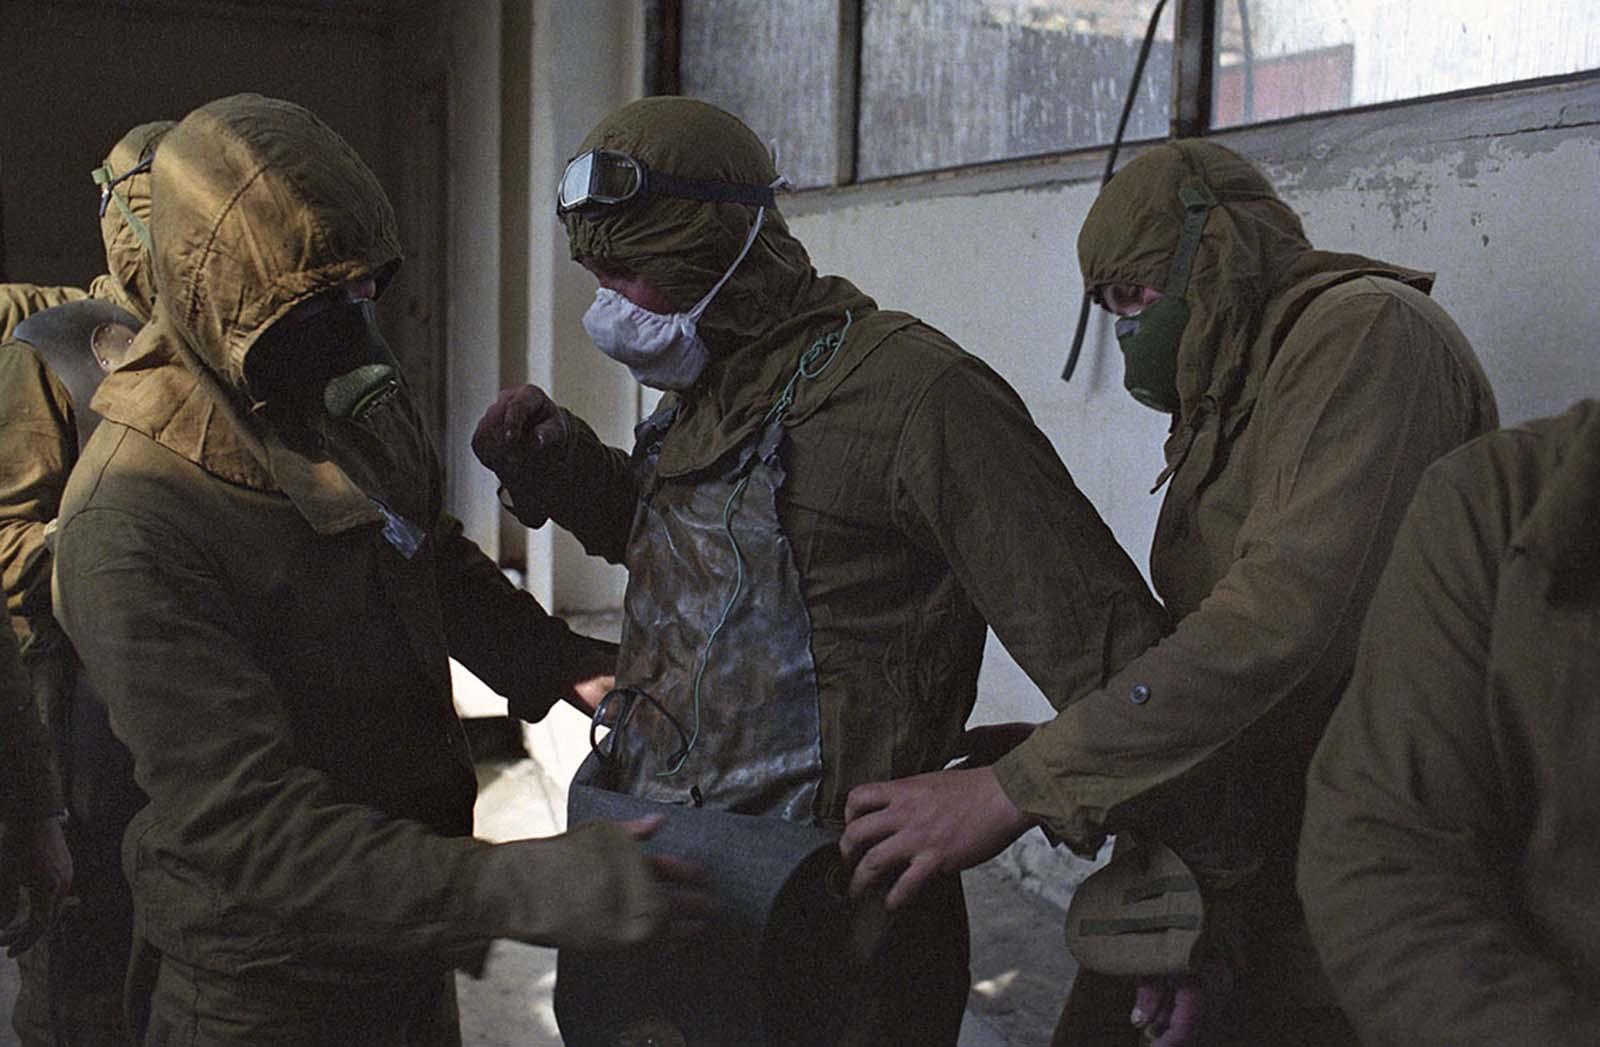 La mayoría de los liquidadores eran reservistas de entre 35 y 40 años que fueron llamados para ayudar en las operaciones de limpieza o aquellos que se encuentran actualmente en el servicio militar en unidades de protección química. El ejército no tenía uniformes adecuados adaptados para su uso en condiciones radioactivas, por lo que aquellos alistados para realizar trabajos en el techo y en otras zonas altamente tóxicas se vieron obligados a remendar su propia ropa, hecha de láminas de plomo y de dos a cuatro milímetros de espesor. . Las láminas se cortaron al tamaño para hacer delantales para usar debajo de la ropa de algodón y se diseñaron para cubrir el cuerpo por delante y por detrás, especialmente para proteger la columna vertebral y la médula ósea.